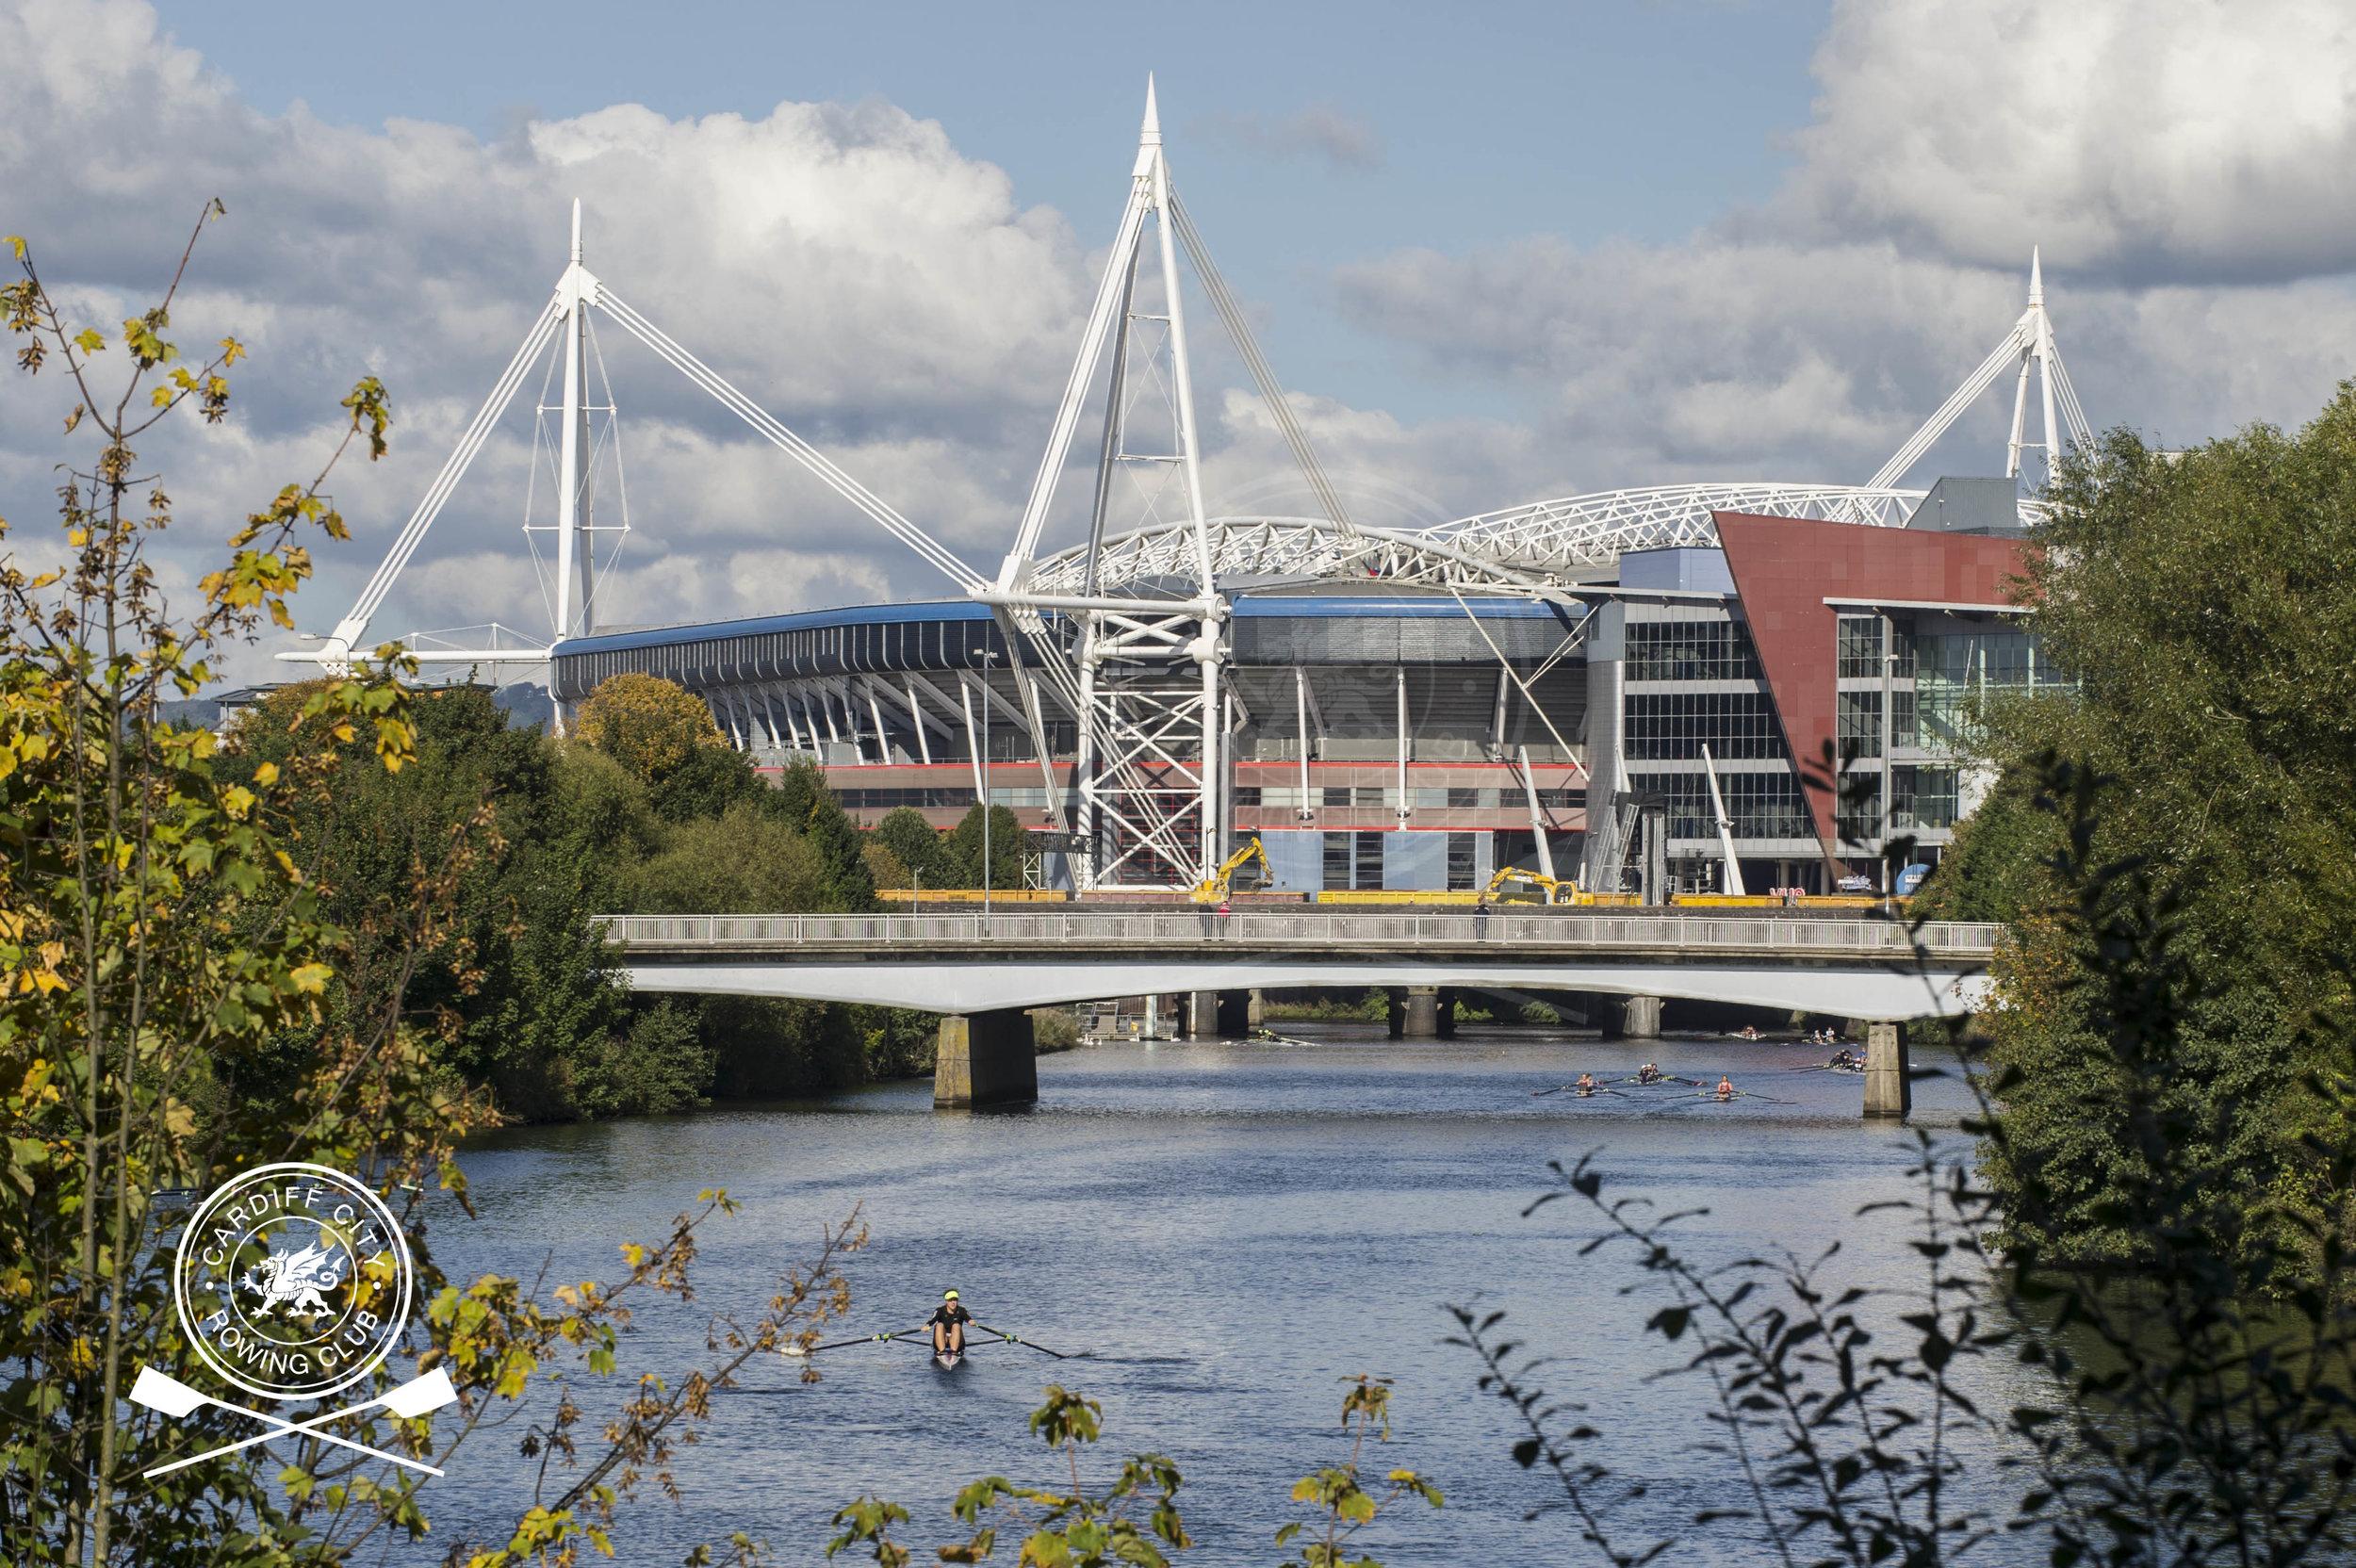 Cardiff_City_Head_Race_188.jpg